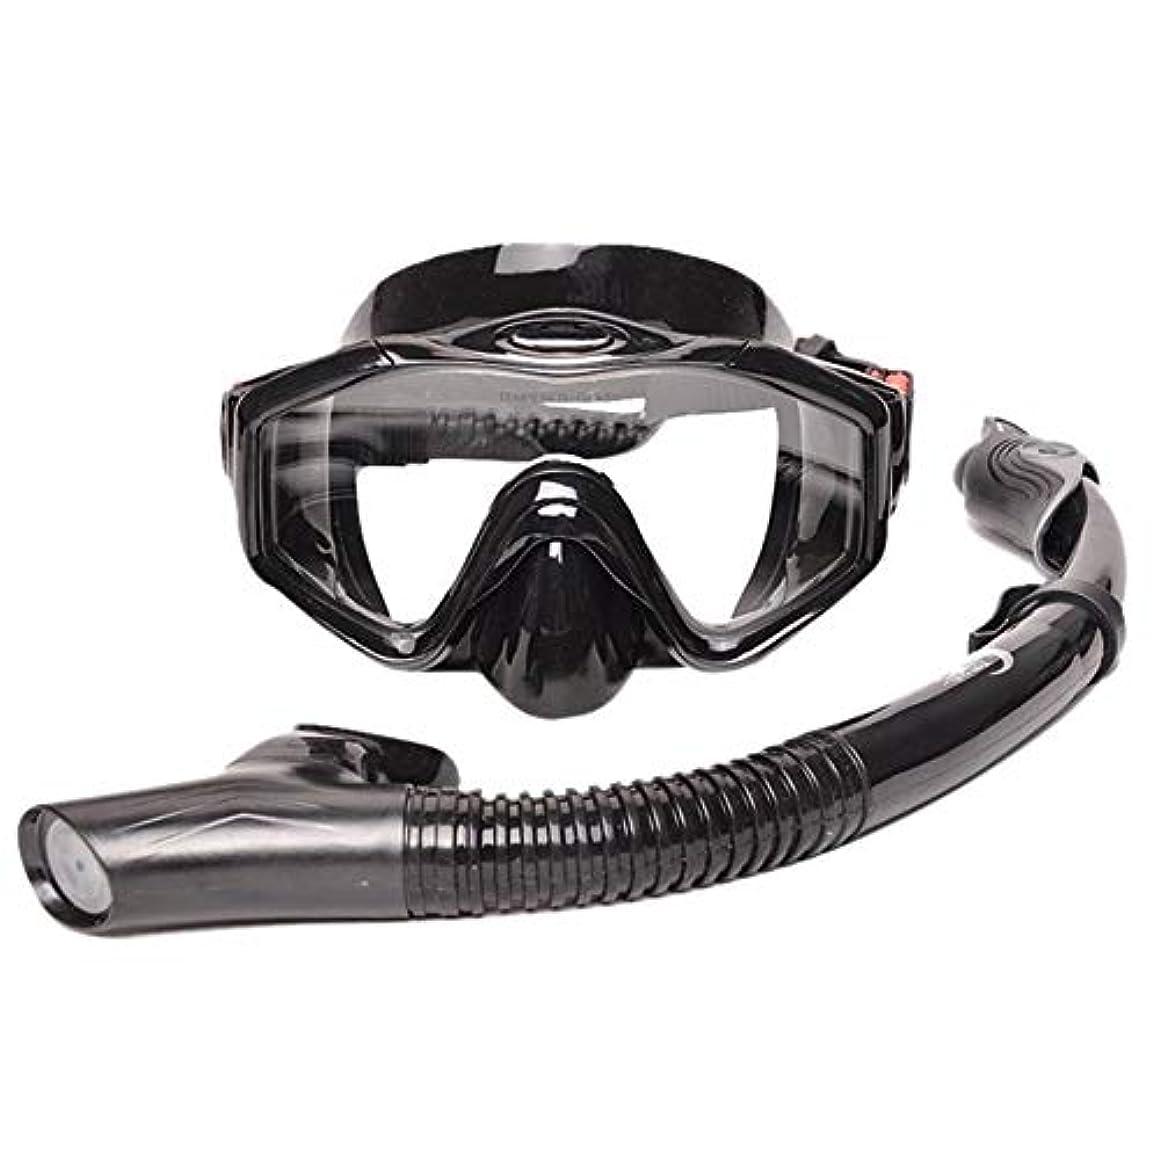 月曜日民主主義相手プロのダイビング水泳ダイビングマスクセットダイビングマスク+水中狩猟に適した乾燥した黒い呼吸管 g5y9k2i3rw1